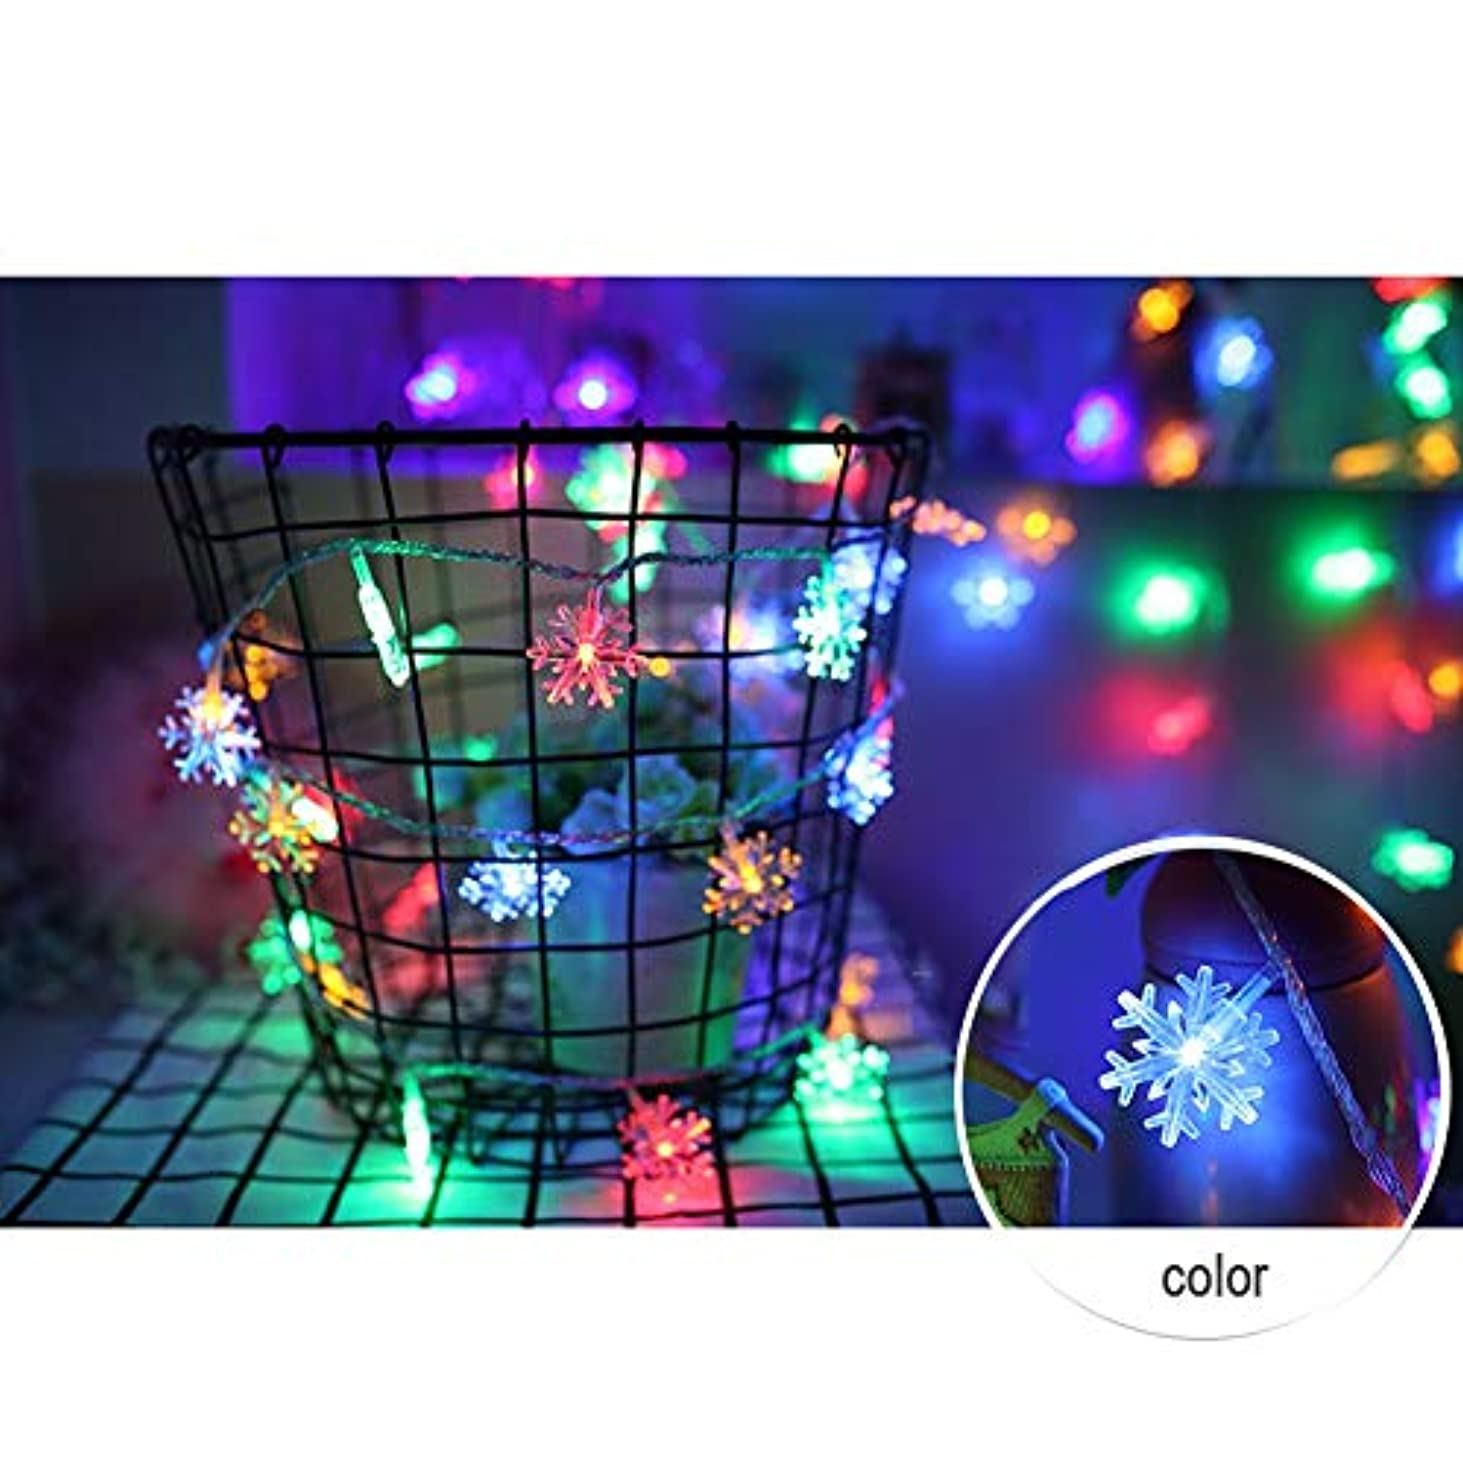 カートンミスペンドほうき電池式 ストリングライト - 防雨型 スノーフレークLEDイルミネ ーションライト ロマンチックな雰囲気を作る屋外用 ワイヤーライト イルミネーションライト、庭、パティオ、バルコニ、ークリスマス